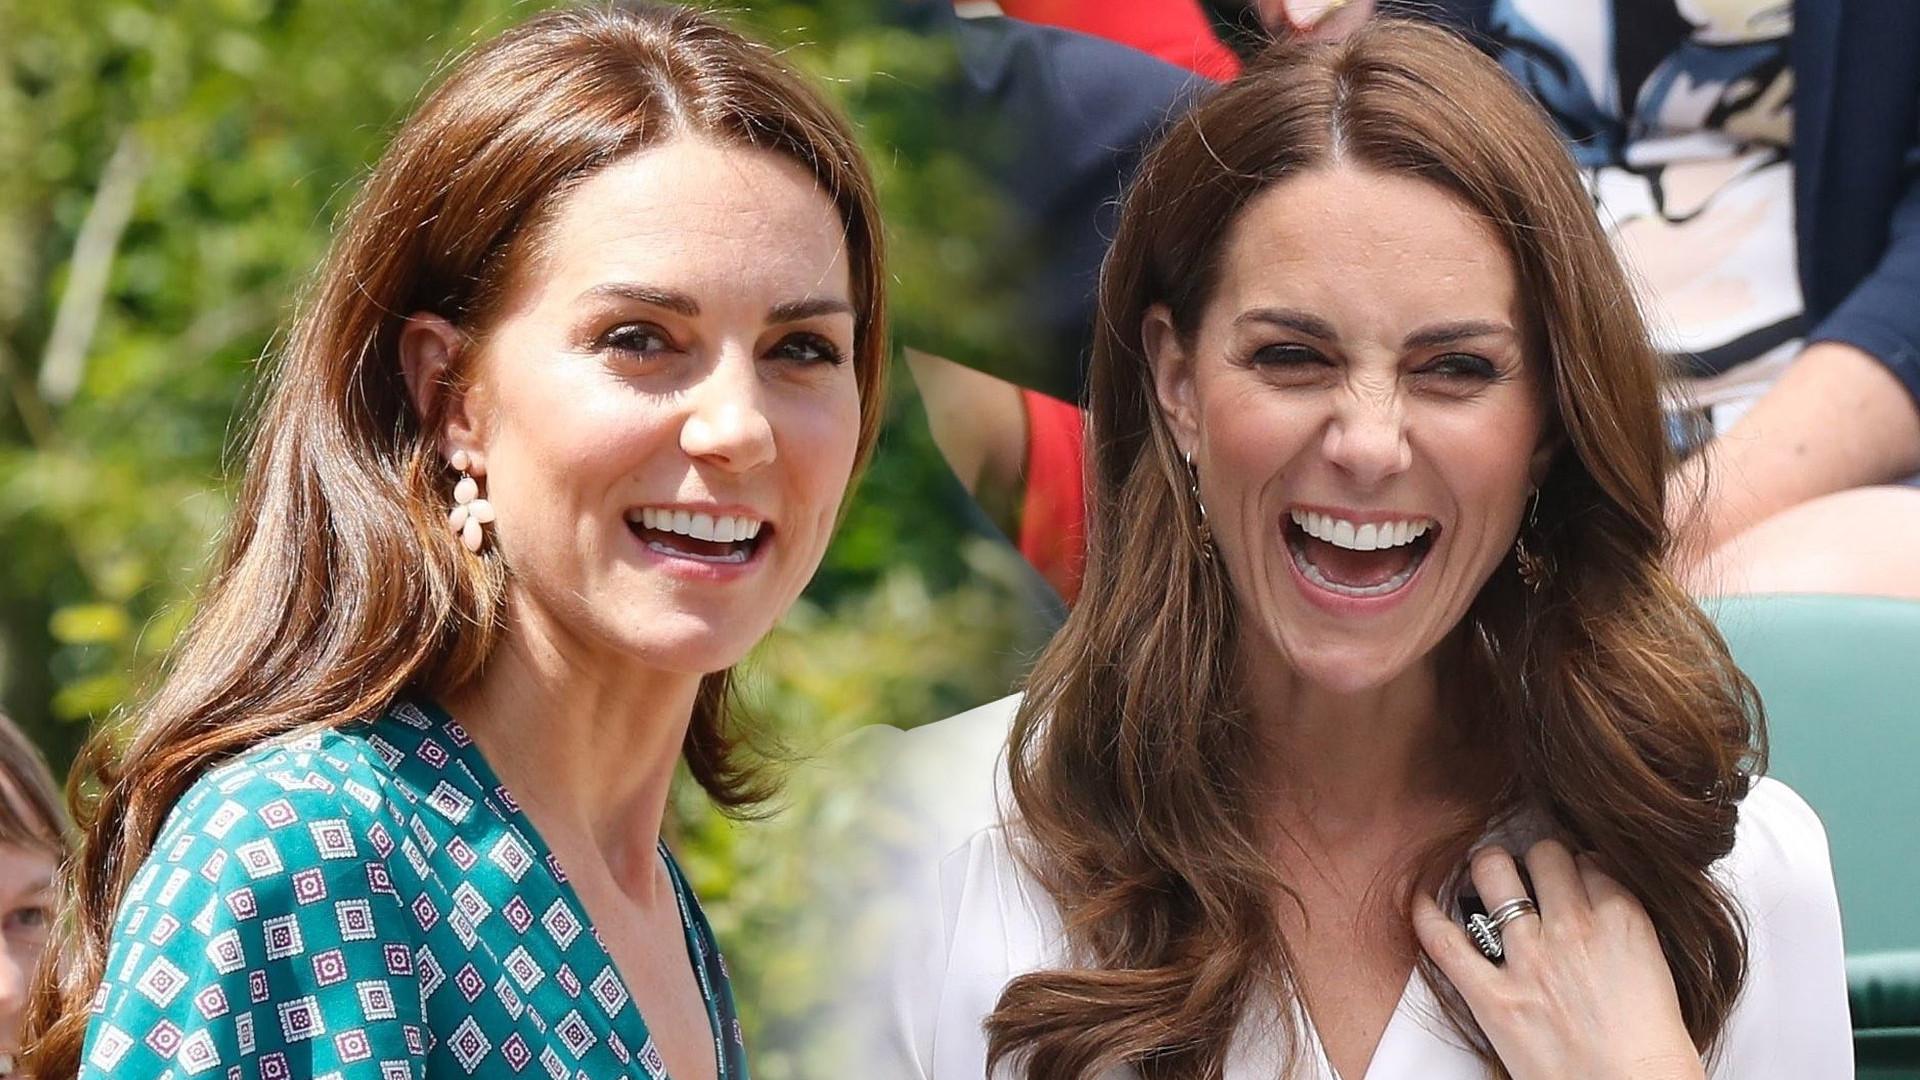 Księżna Kate uwielbia TO ćwiczenie na płaski brzuch. Ten trening sprawia, że ma szczupłą sylwetkę